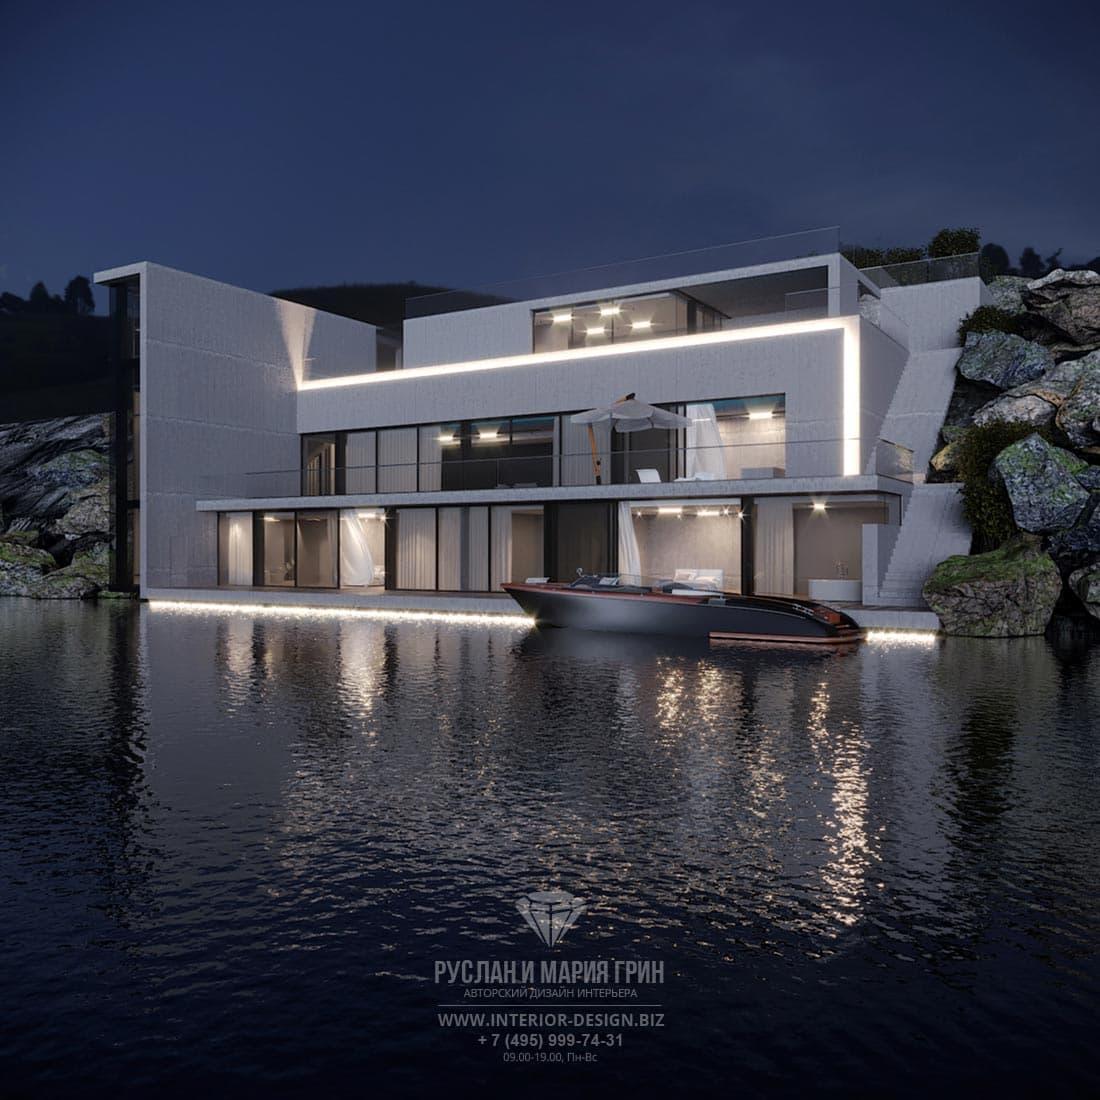 Фасад особняка на озере с подсветкой